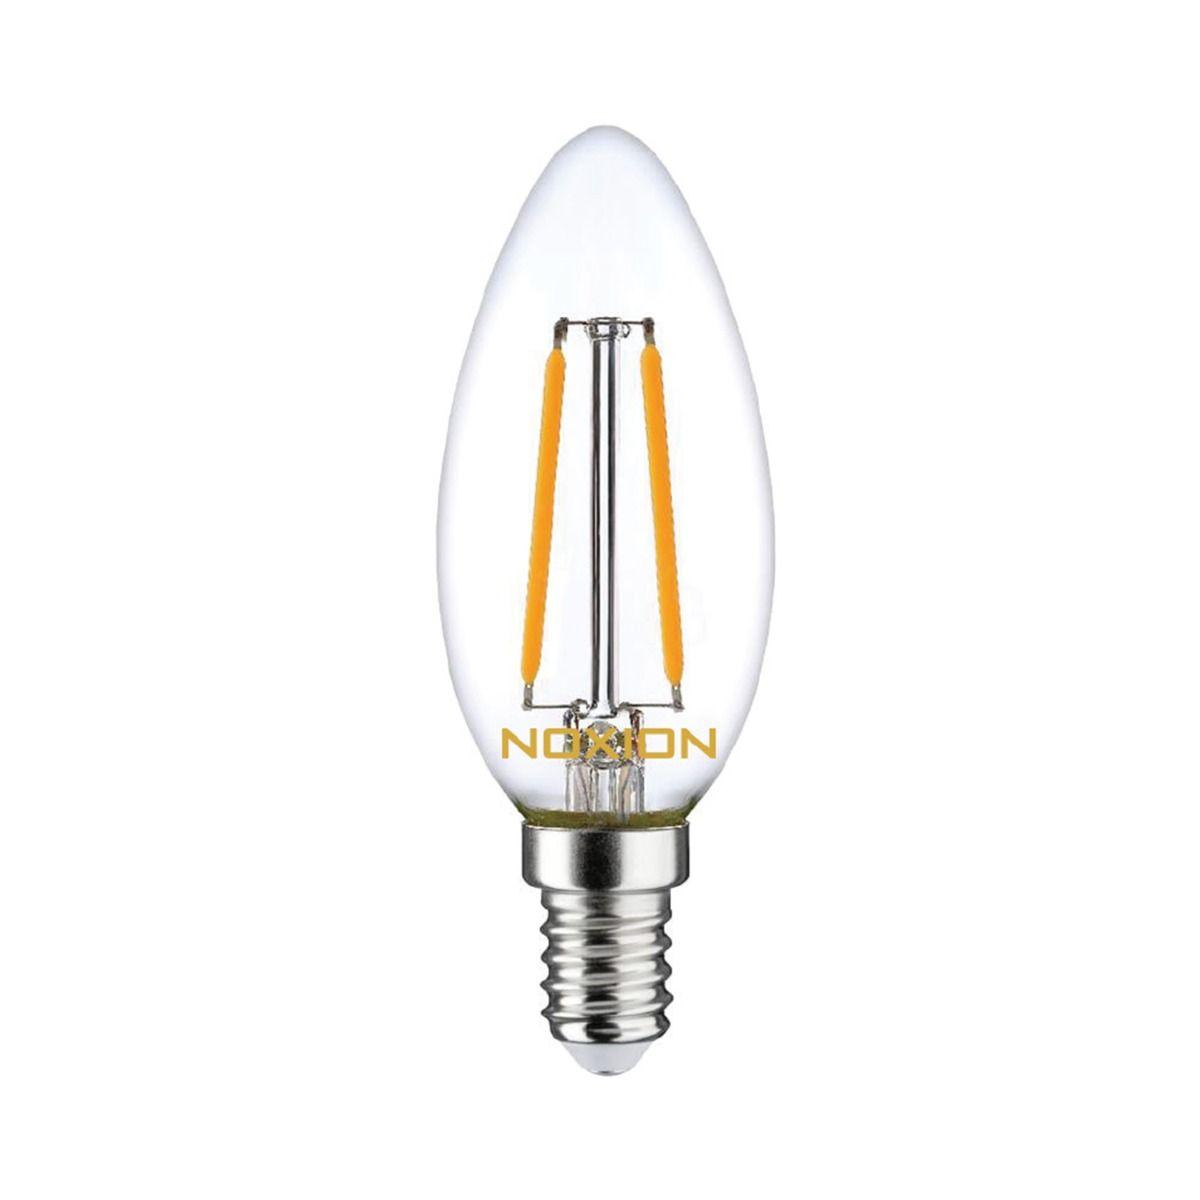 Noxion Lucent Gloeilamp LED Kaars B35 E14 2.5W 250lm 827 | Dimbaar - Vervanger voor 25W